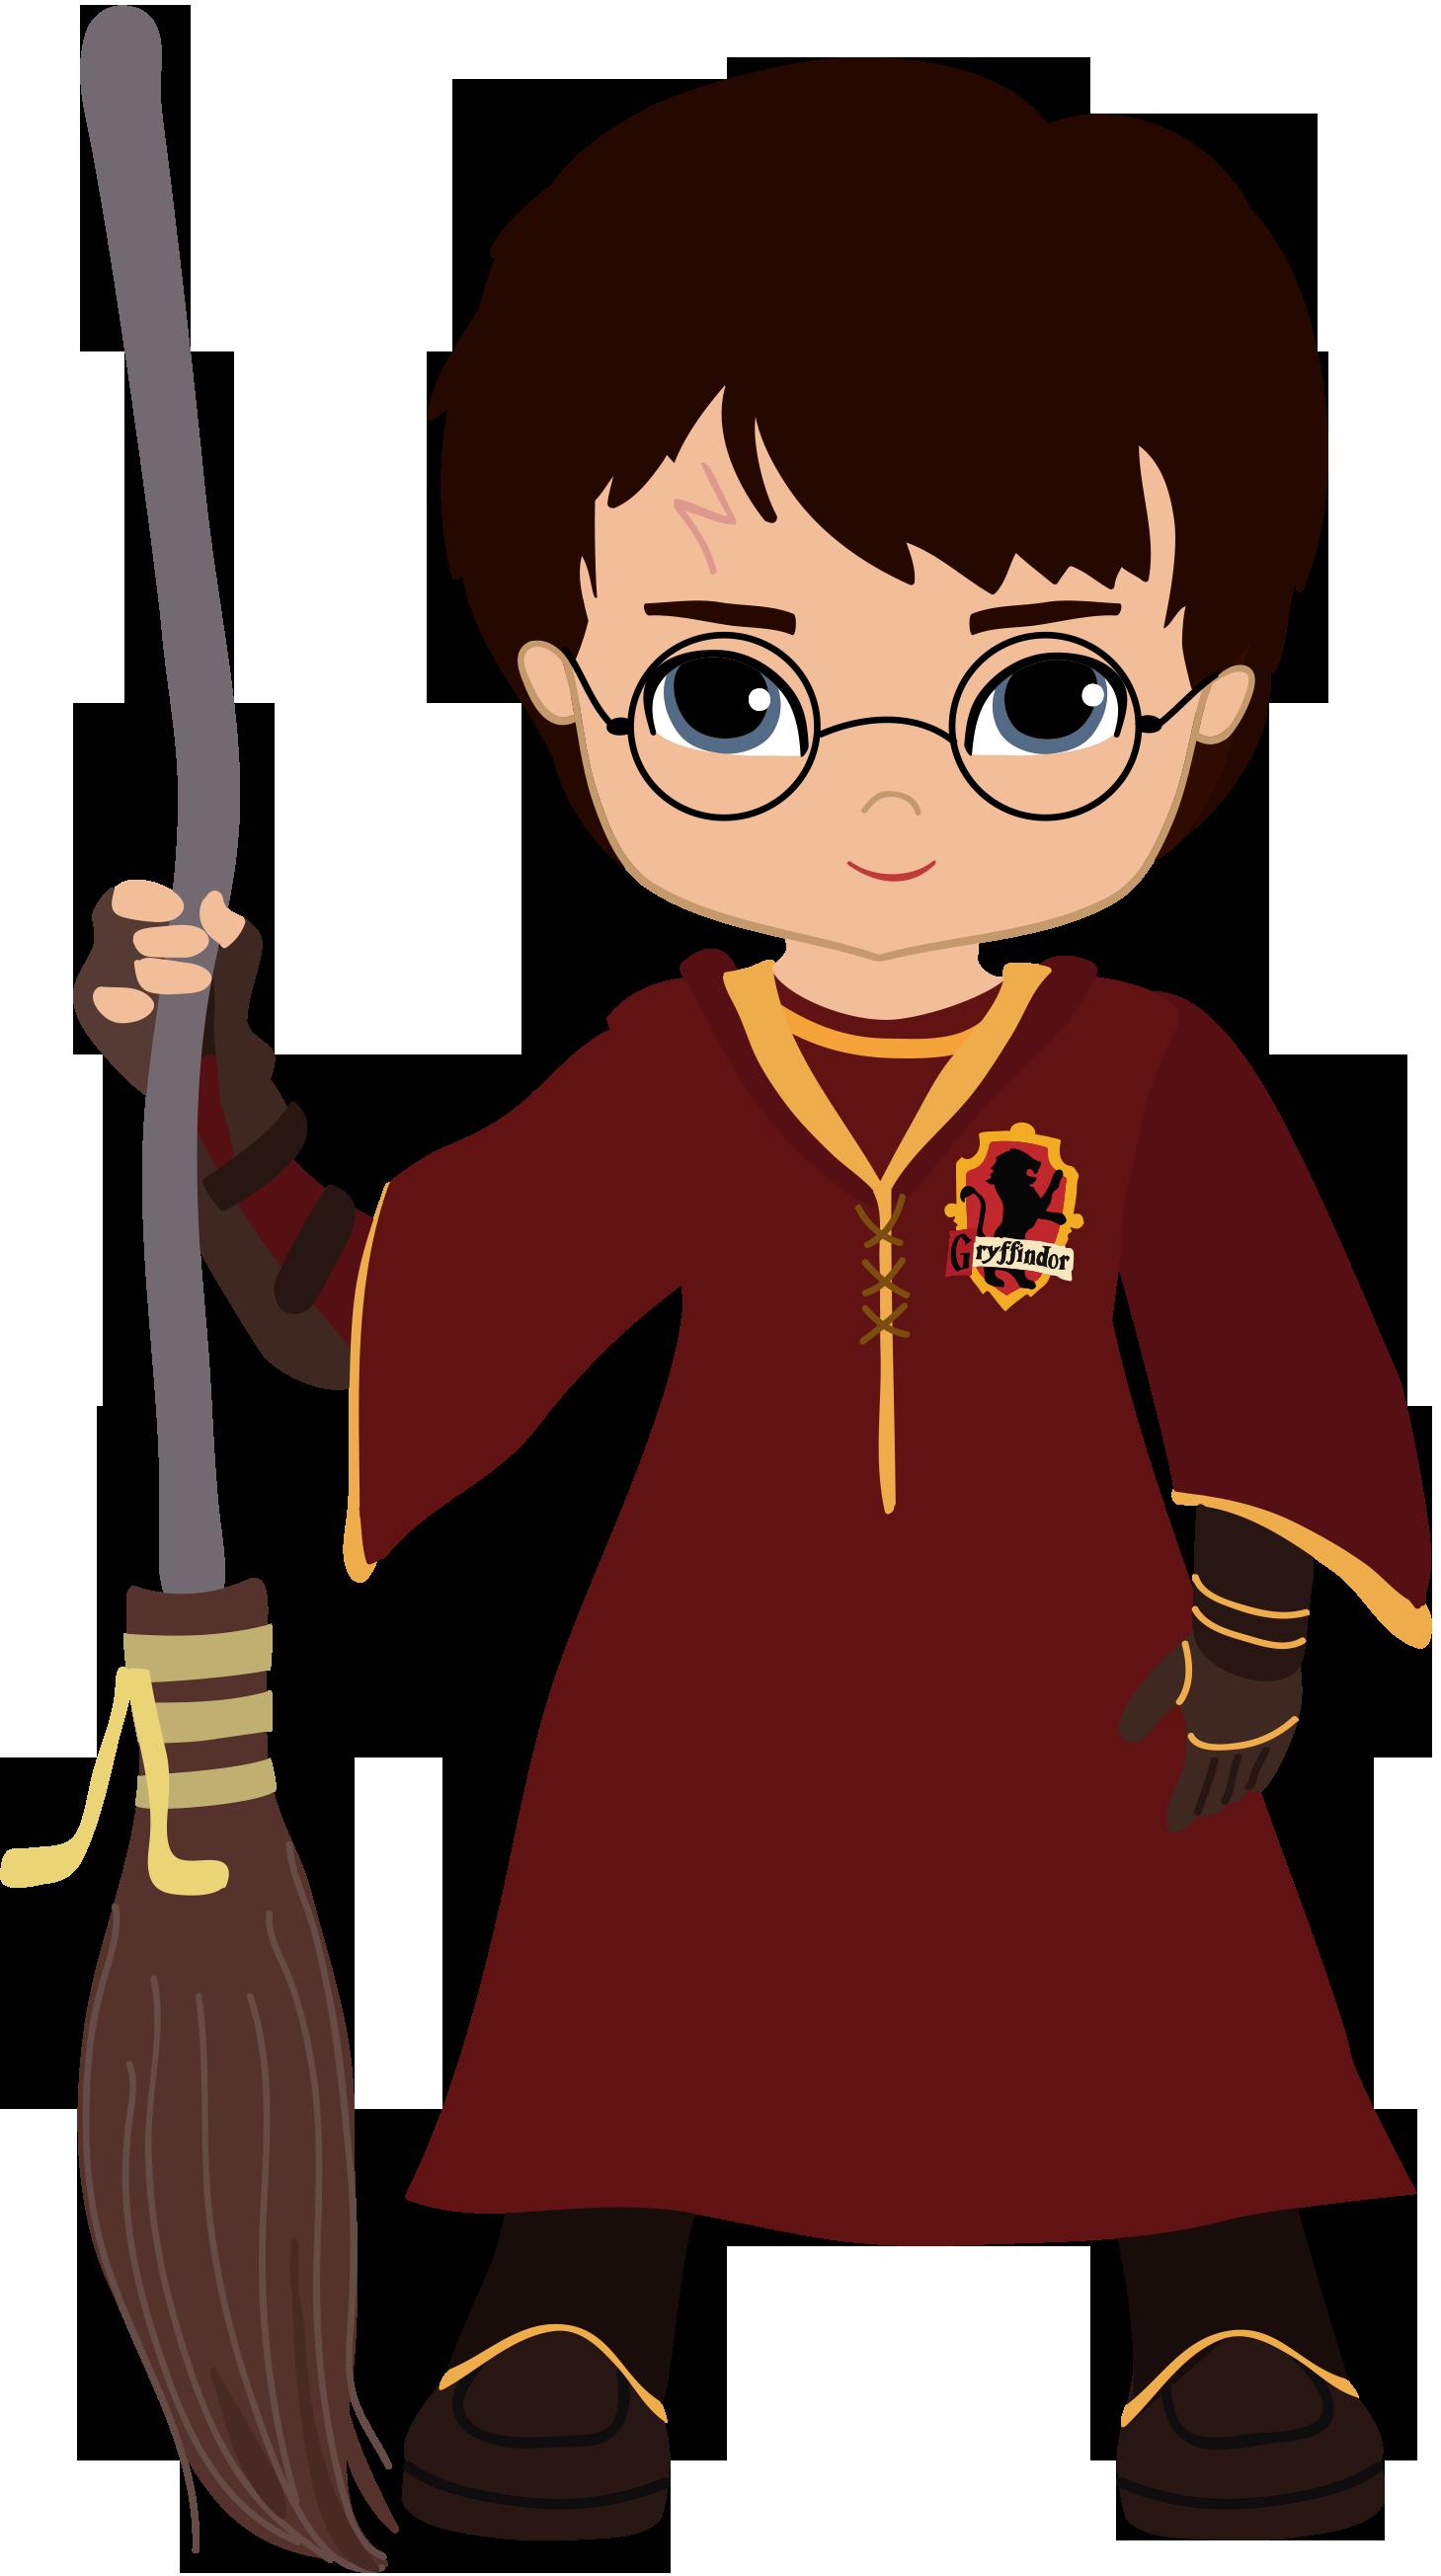 Harry mais. Planner clipart nerd